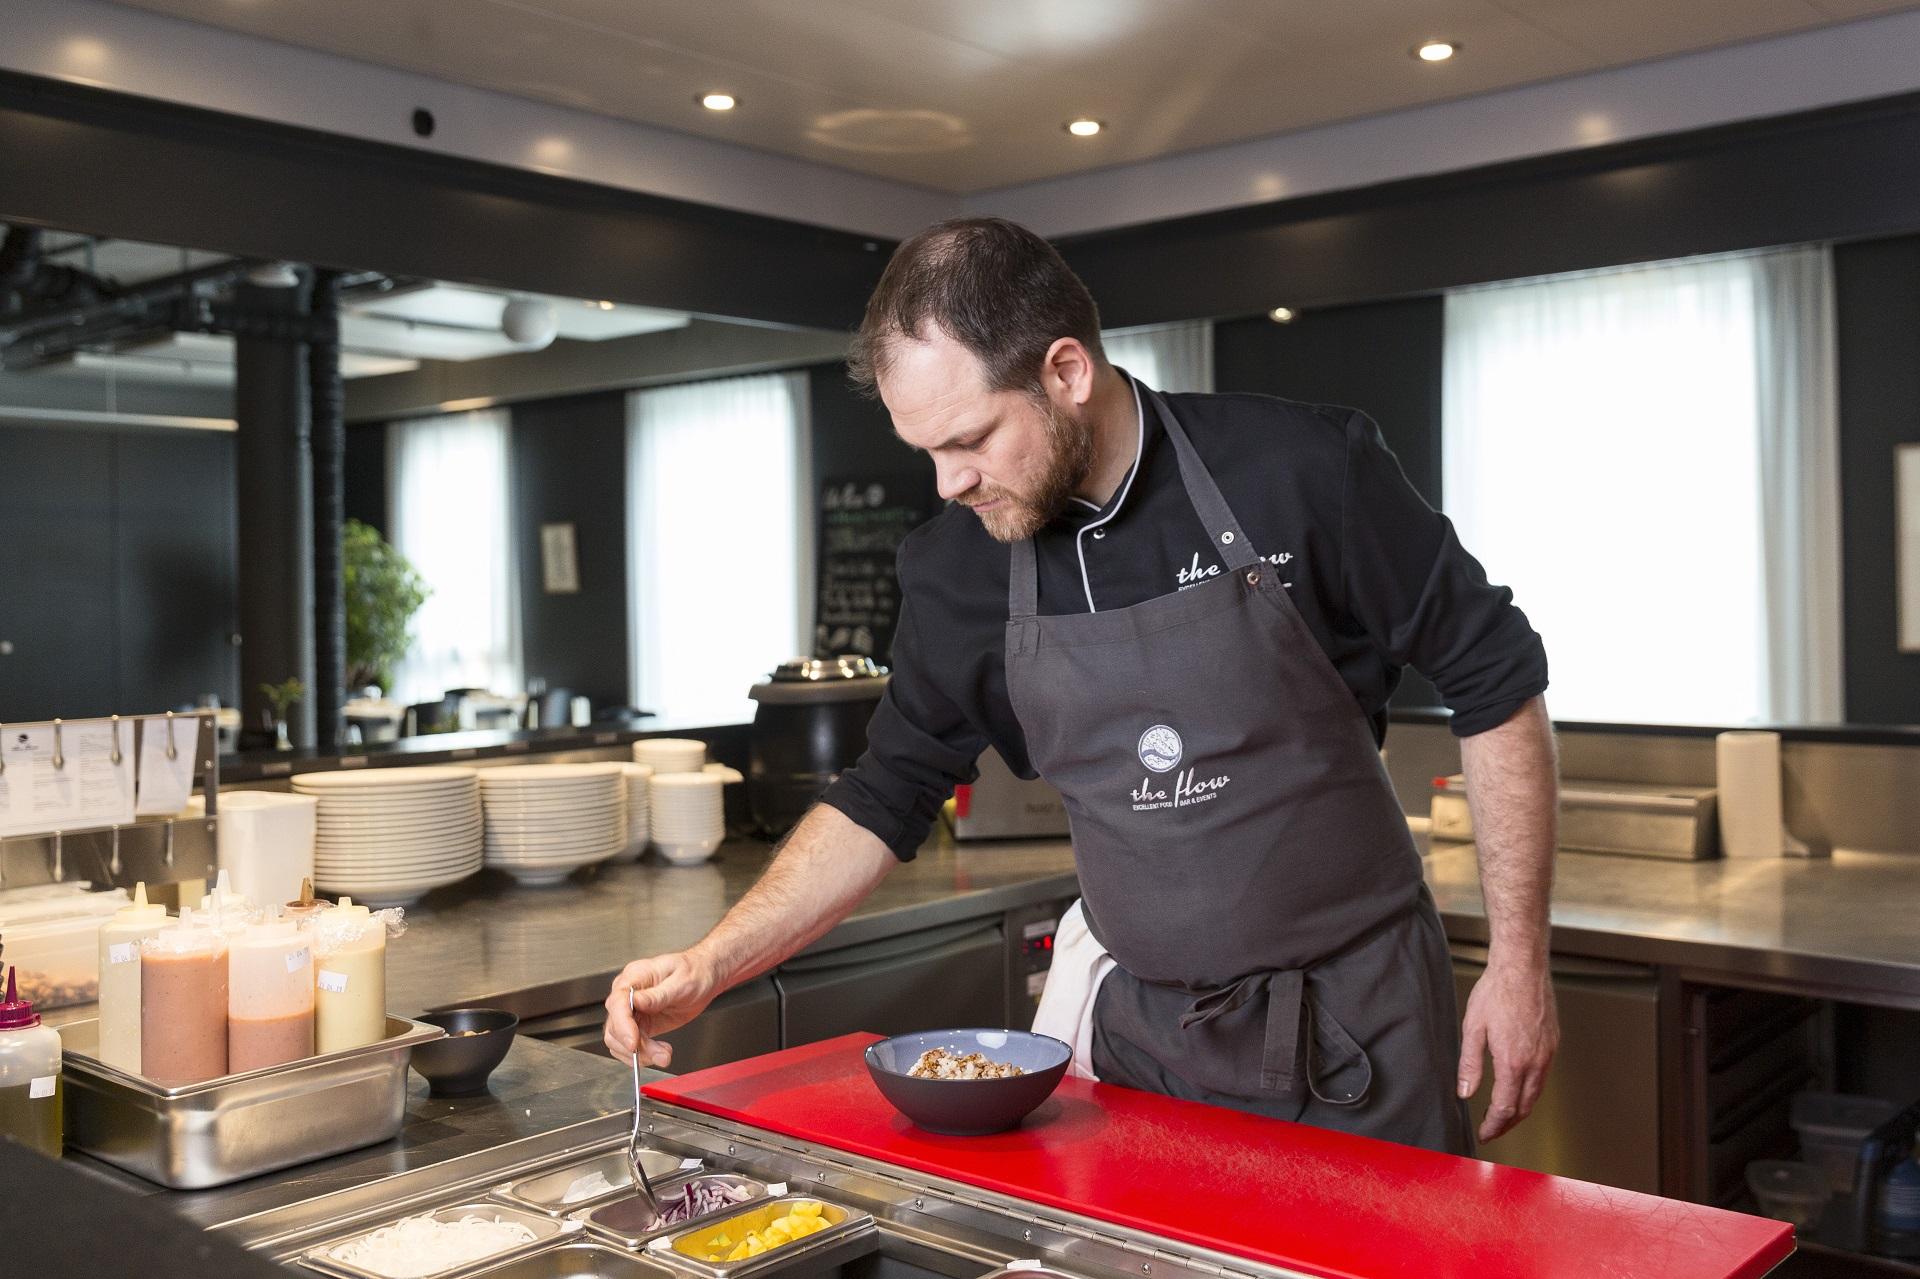 Küchenchef Emanuele am Zubereiten von Poke Bowls